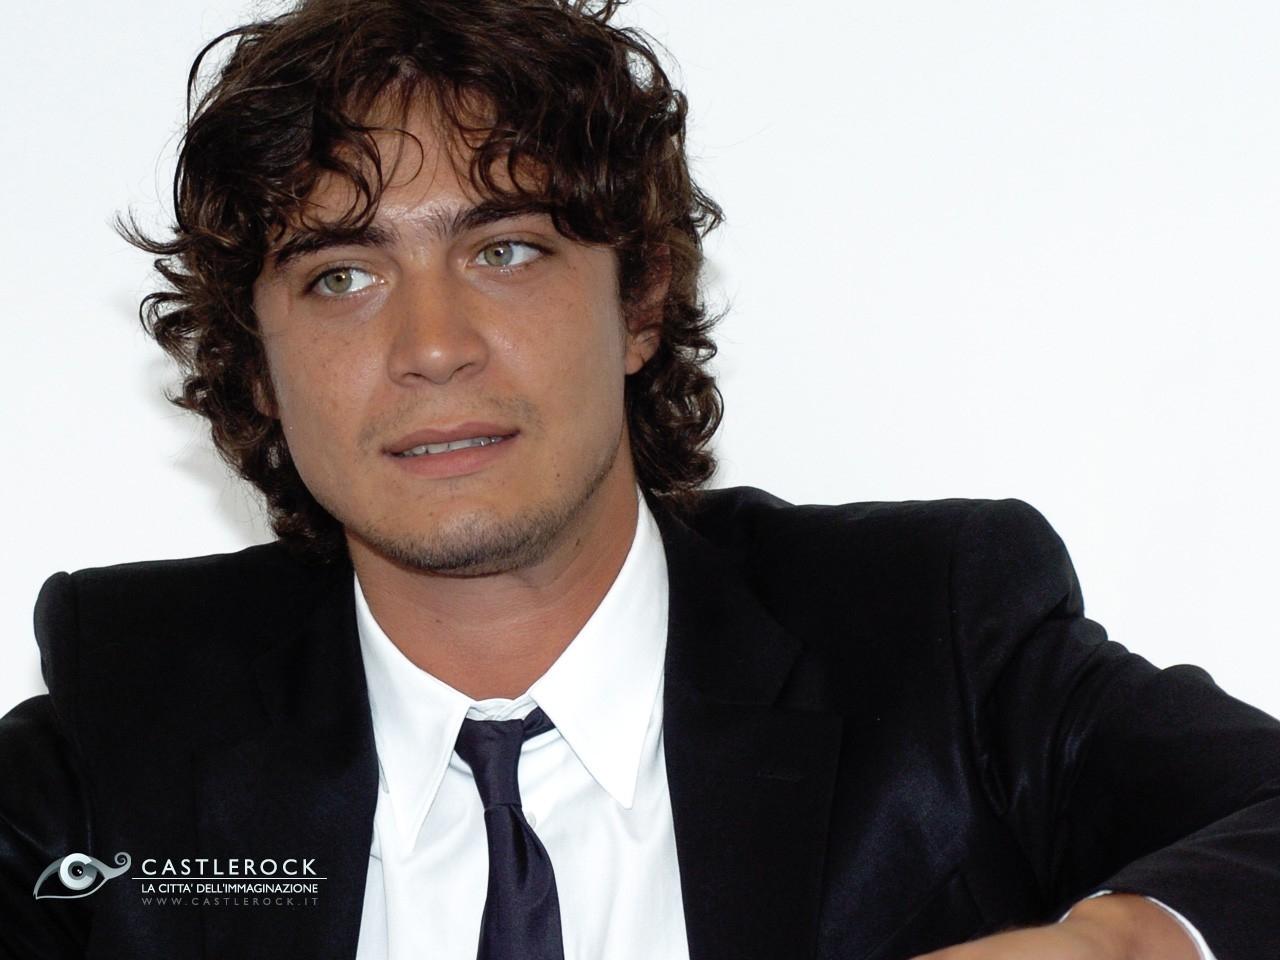 Wallpaper di Riccardo Scamarcio in giacca e cravatta